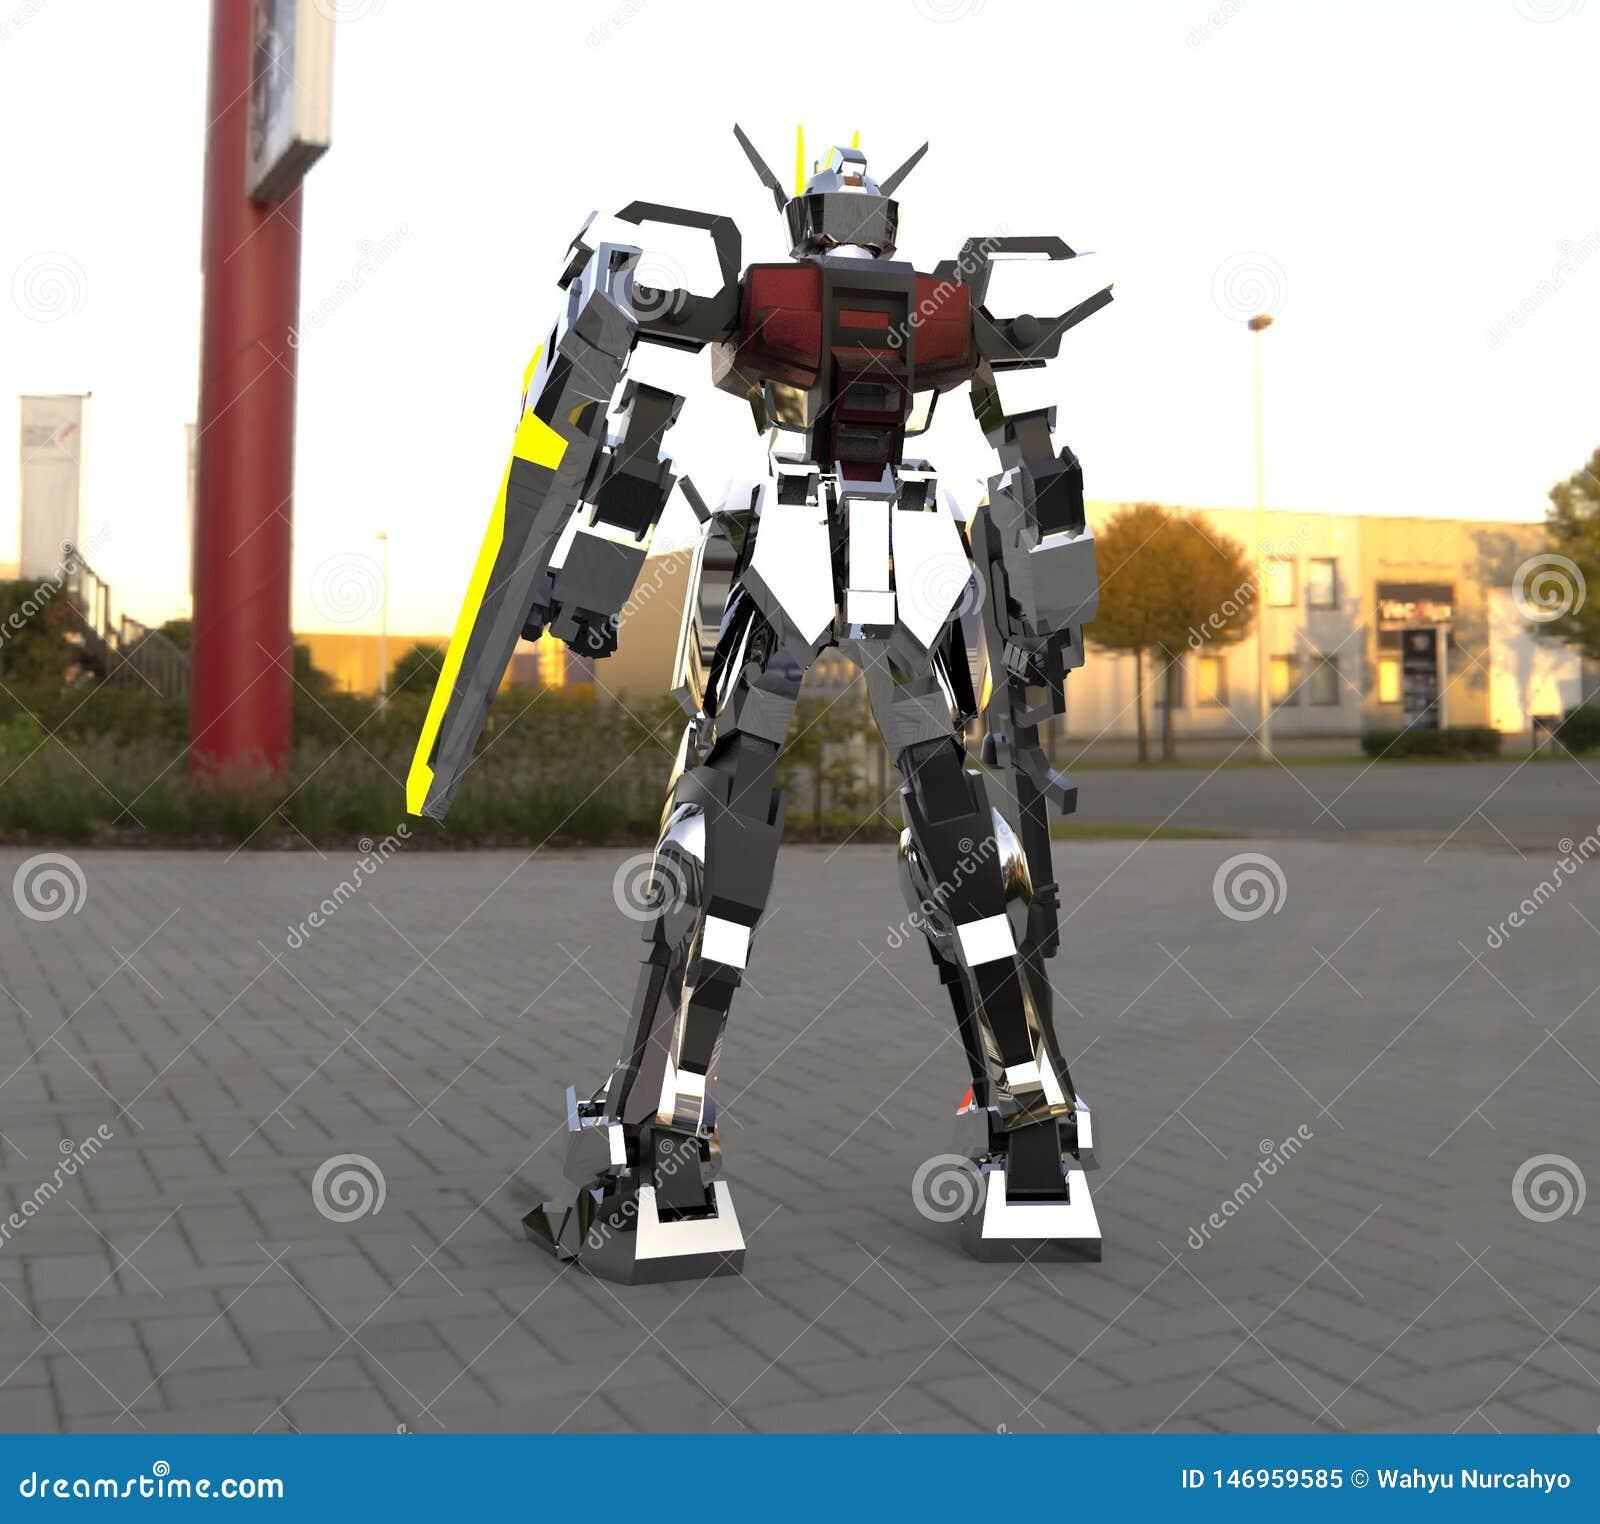 Mech soldatanseende f?r science fiction p? en landskapbakgrund Milit?r futuristisk robot med en gr?splan och en gr? f?rgmetall Me